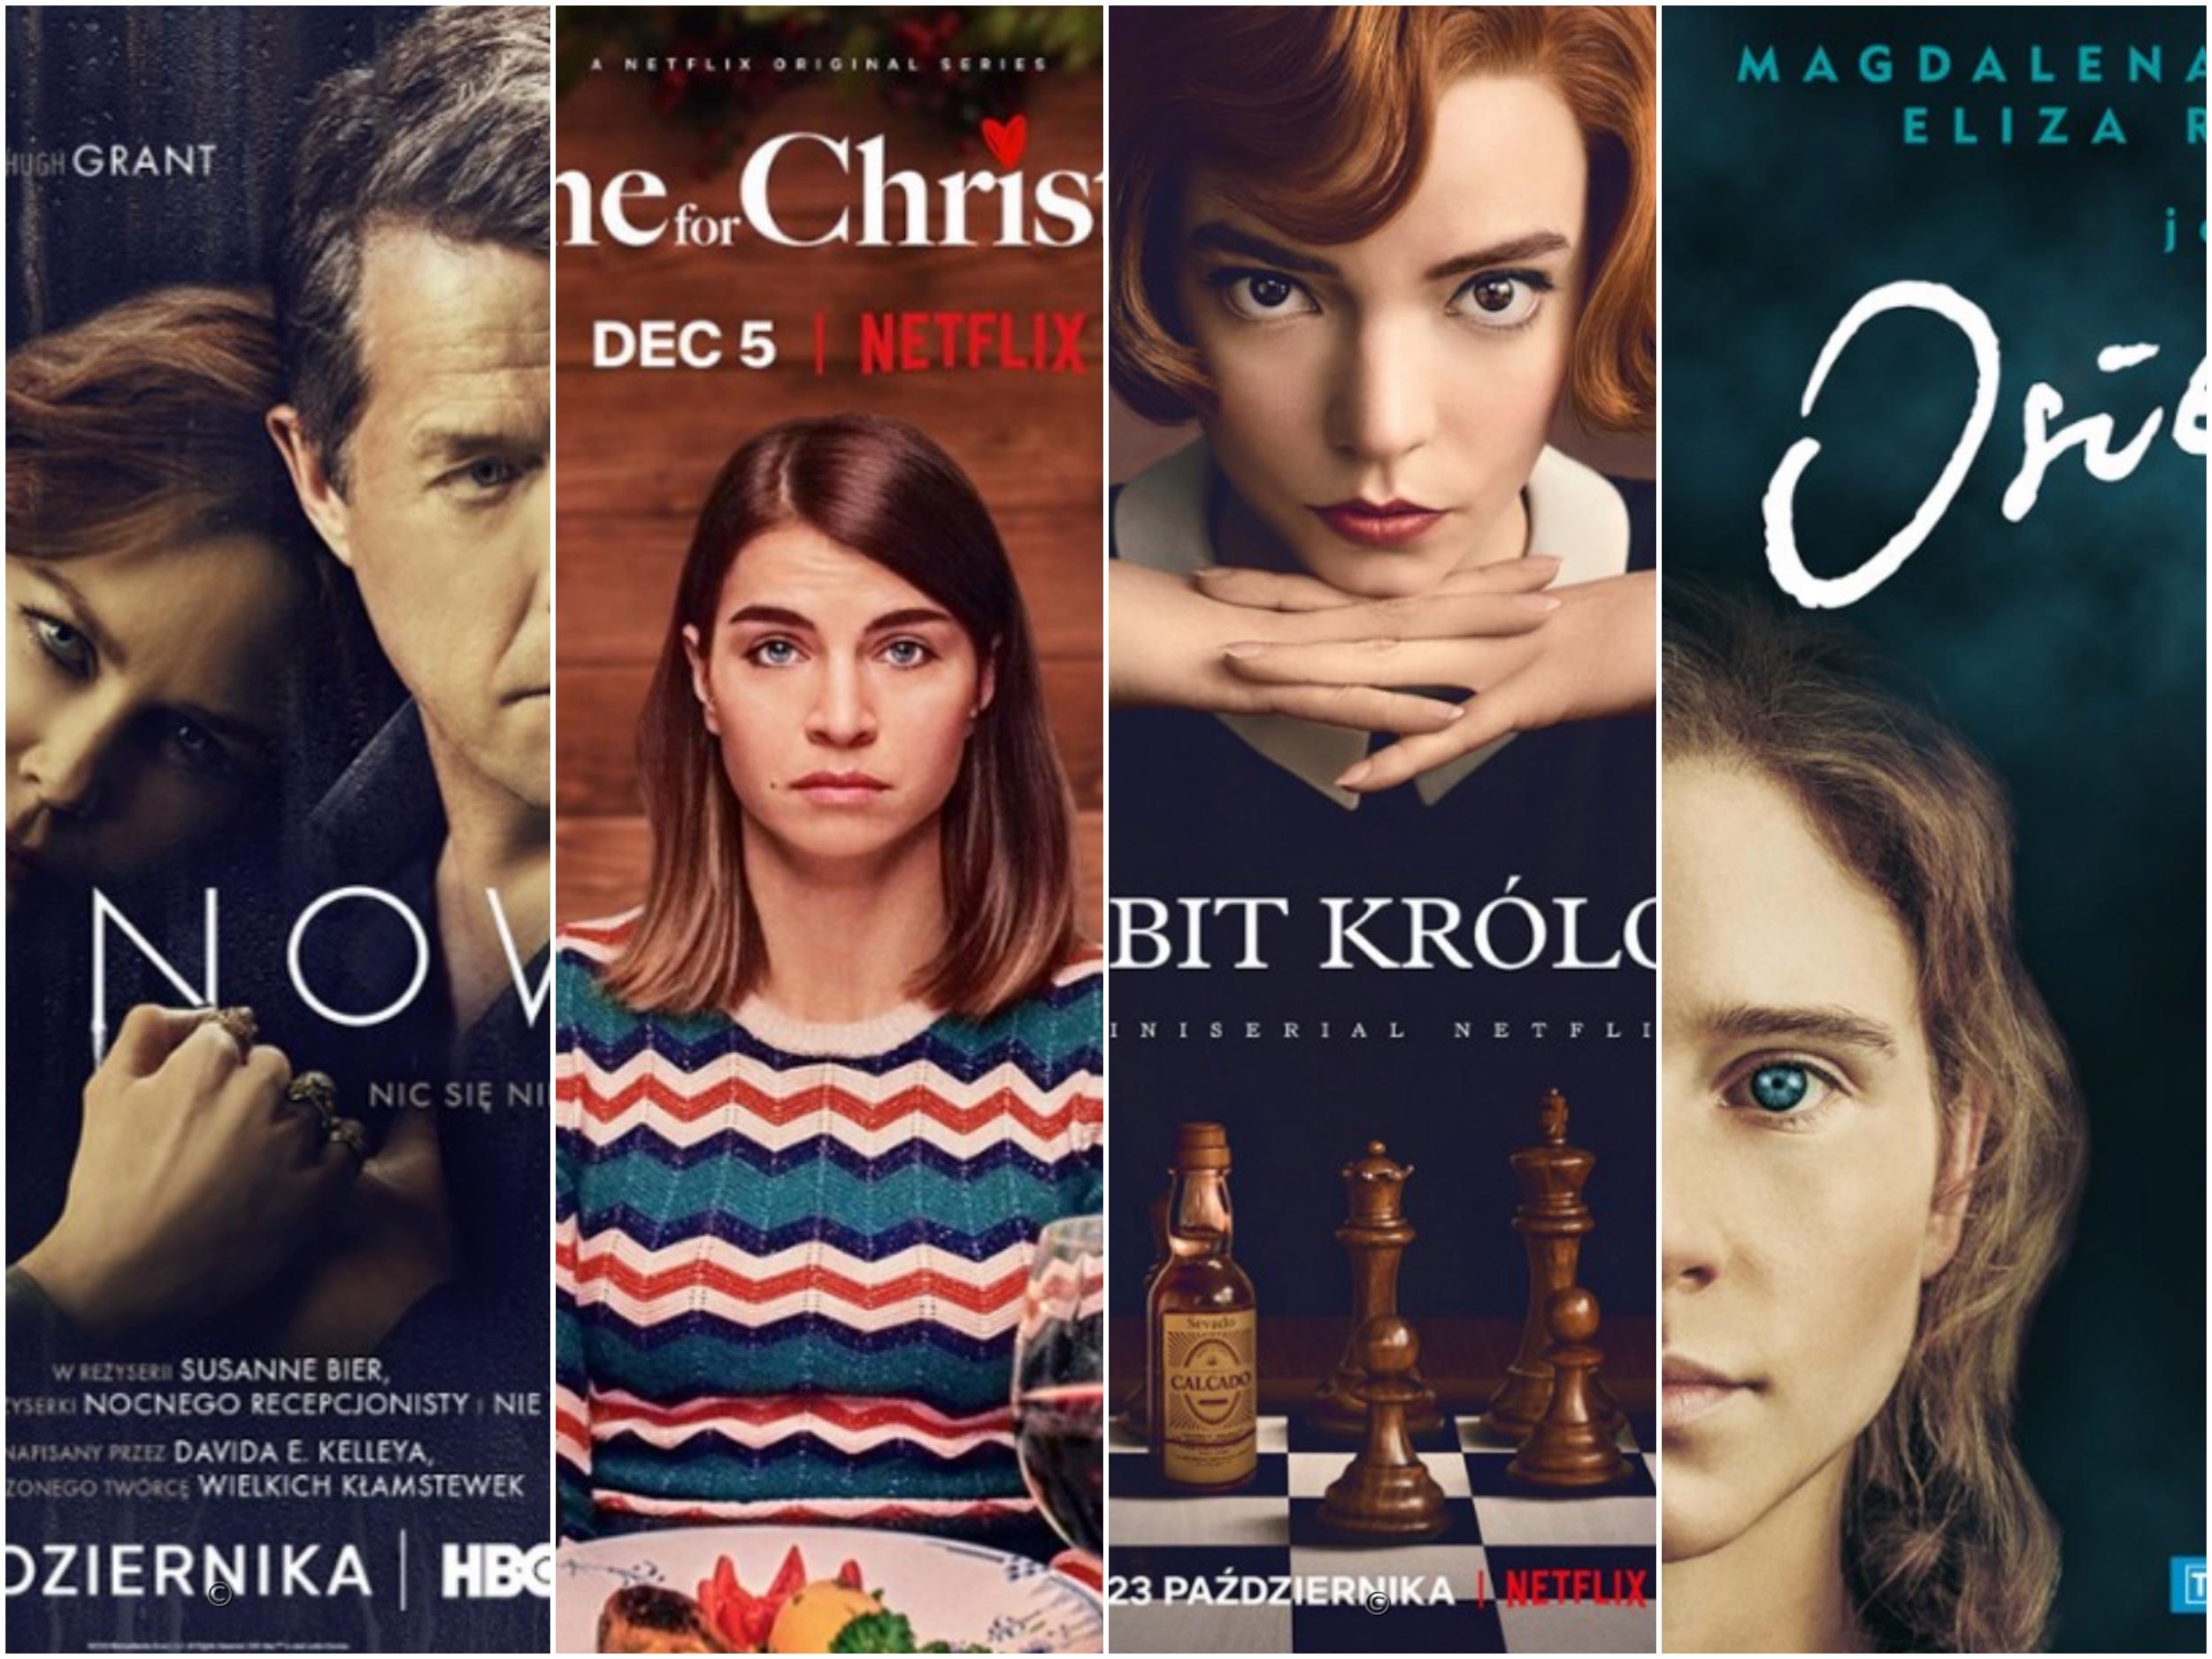 Siedem seriali które polecam na koniec roku